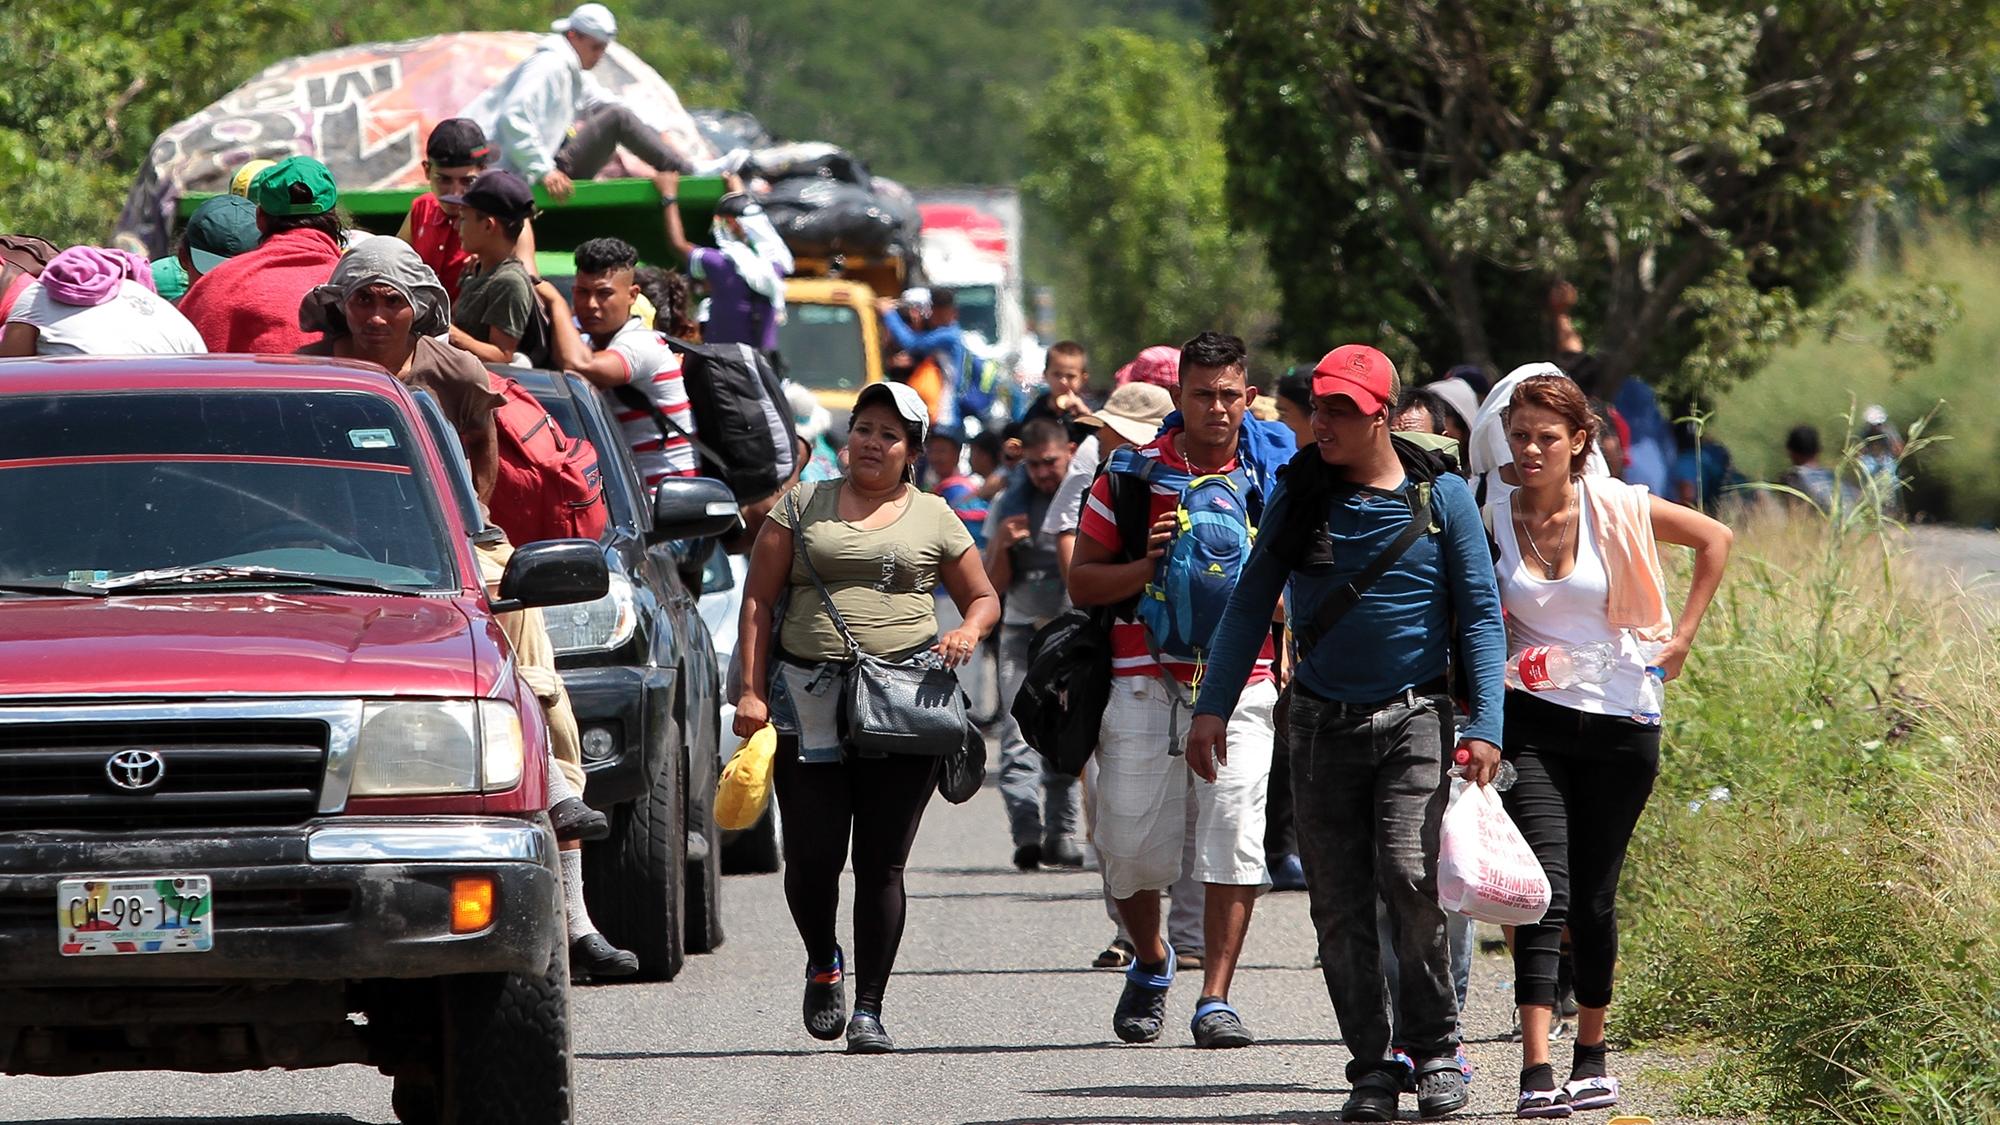 Volver a nuestro país no es opción, dicen migrantes centroamericanos